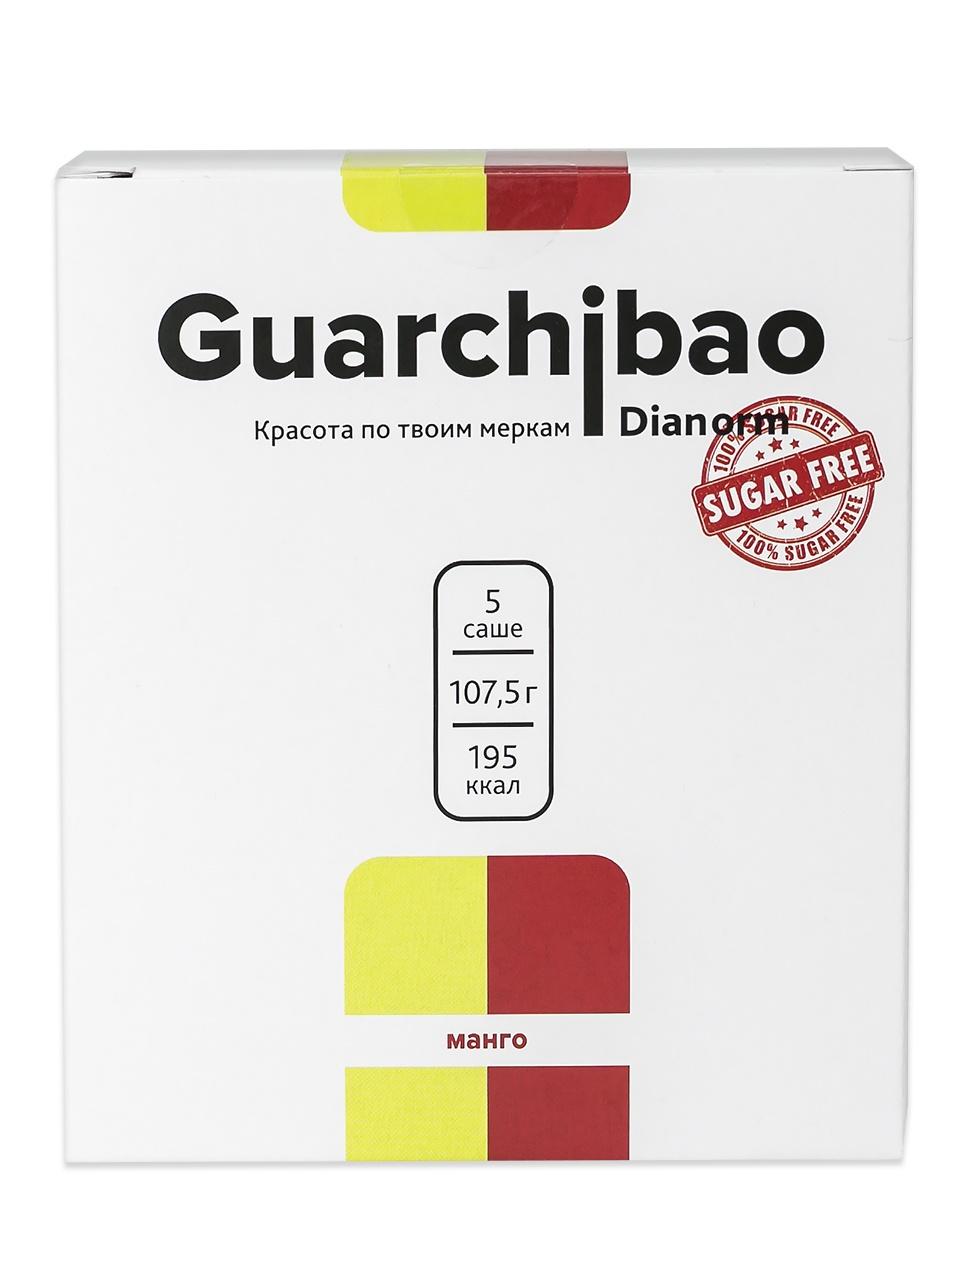 Саше для похудения Guarchibao Dianorm со вкусом манго 5 саше